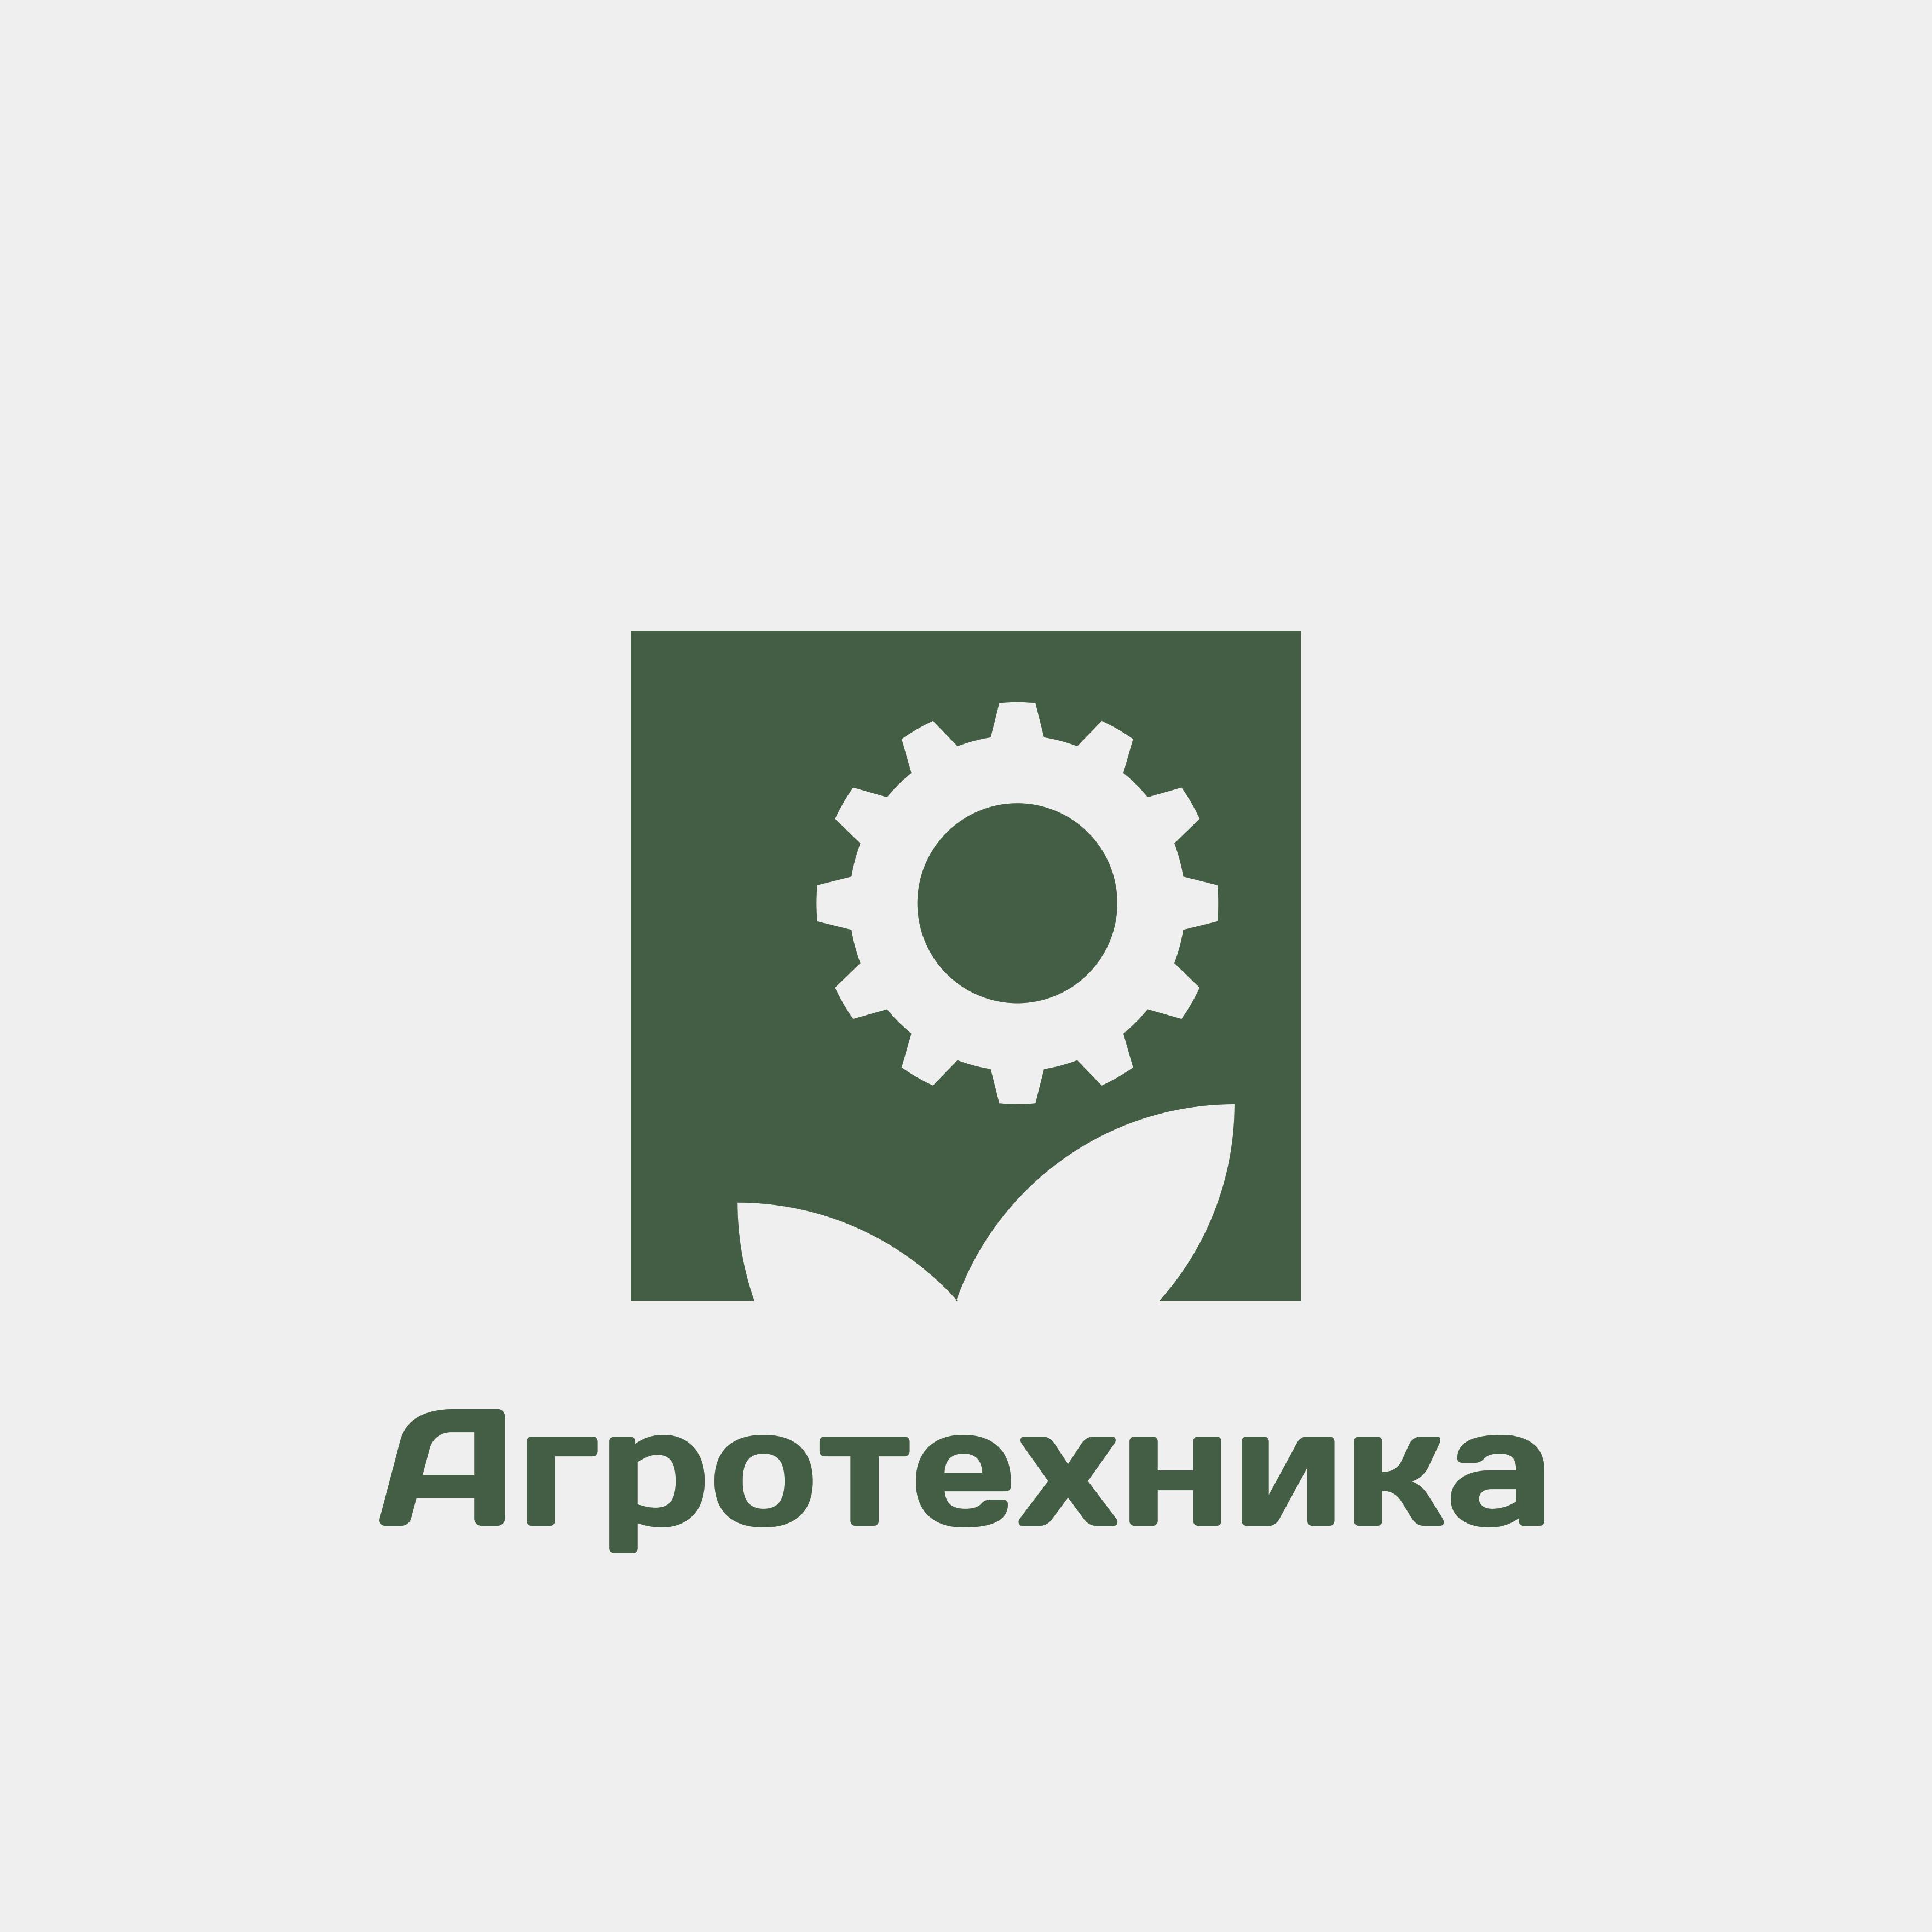 Разработка логотипа для компании Агротехника фото f_5085c08edb25c0bd.jpg